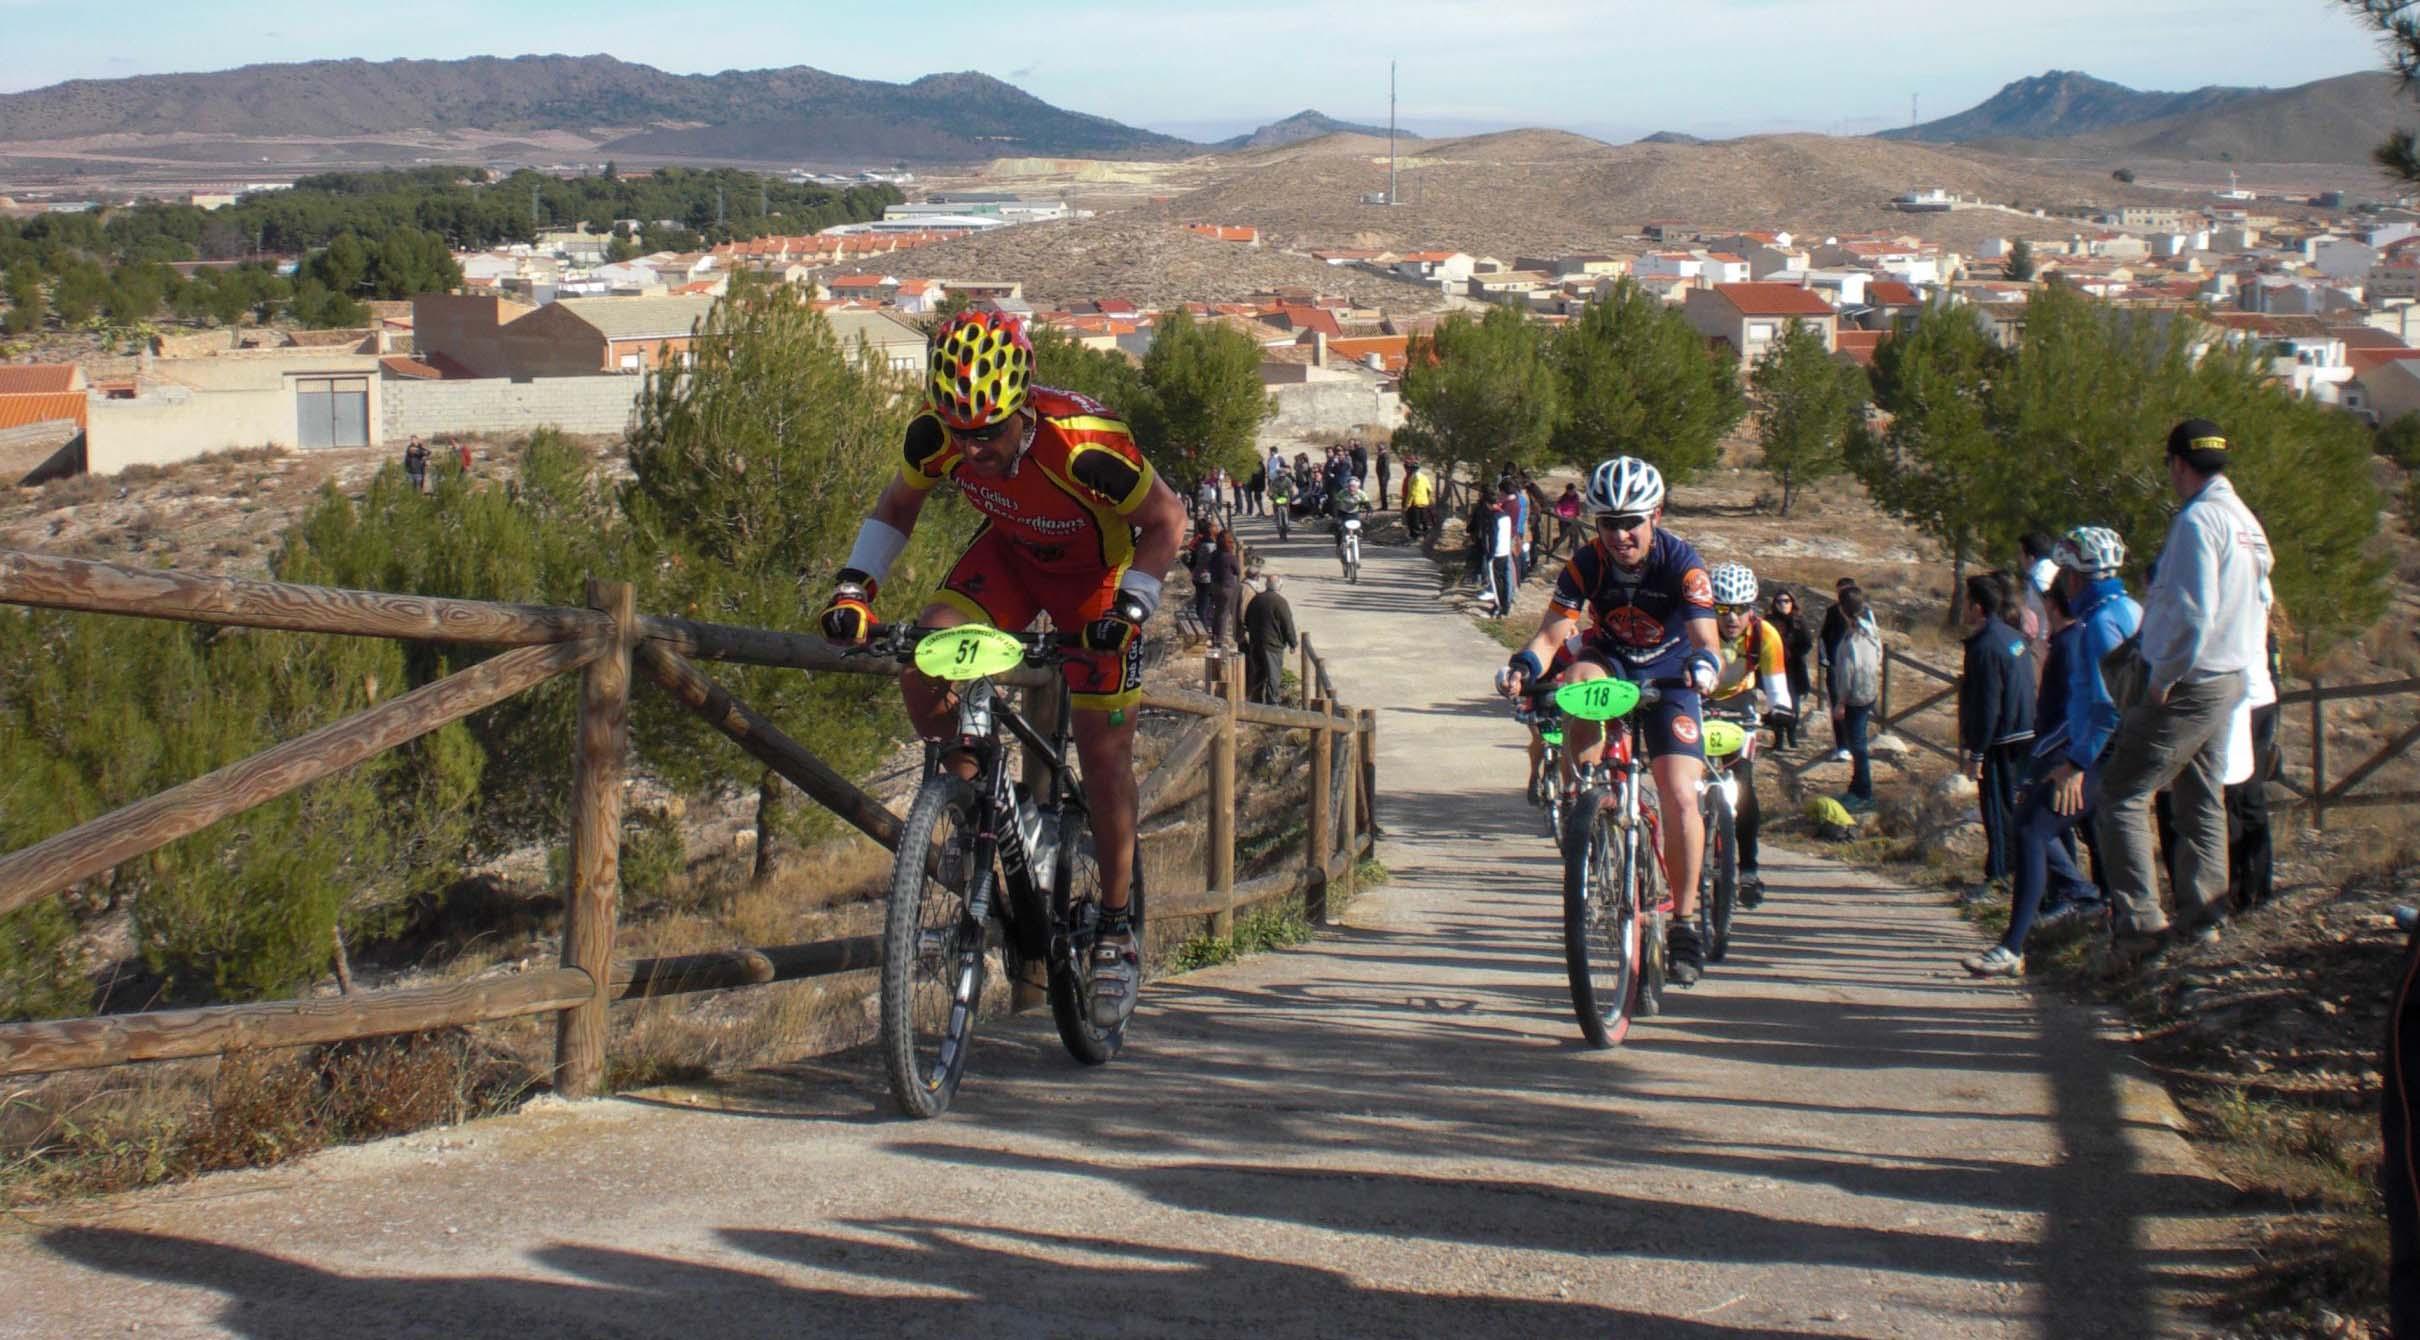 Participantes subiendo el reloj (Foto: Prodepor)